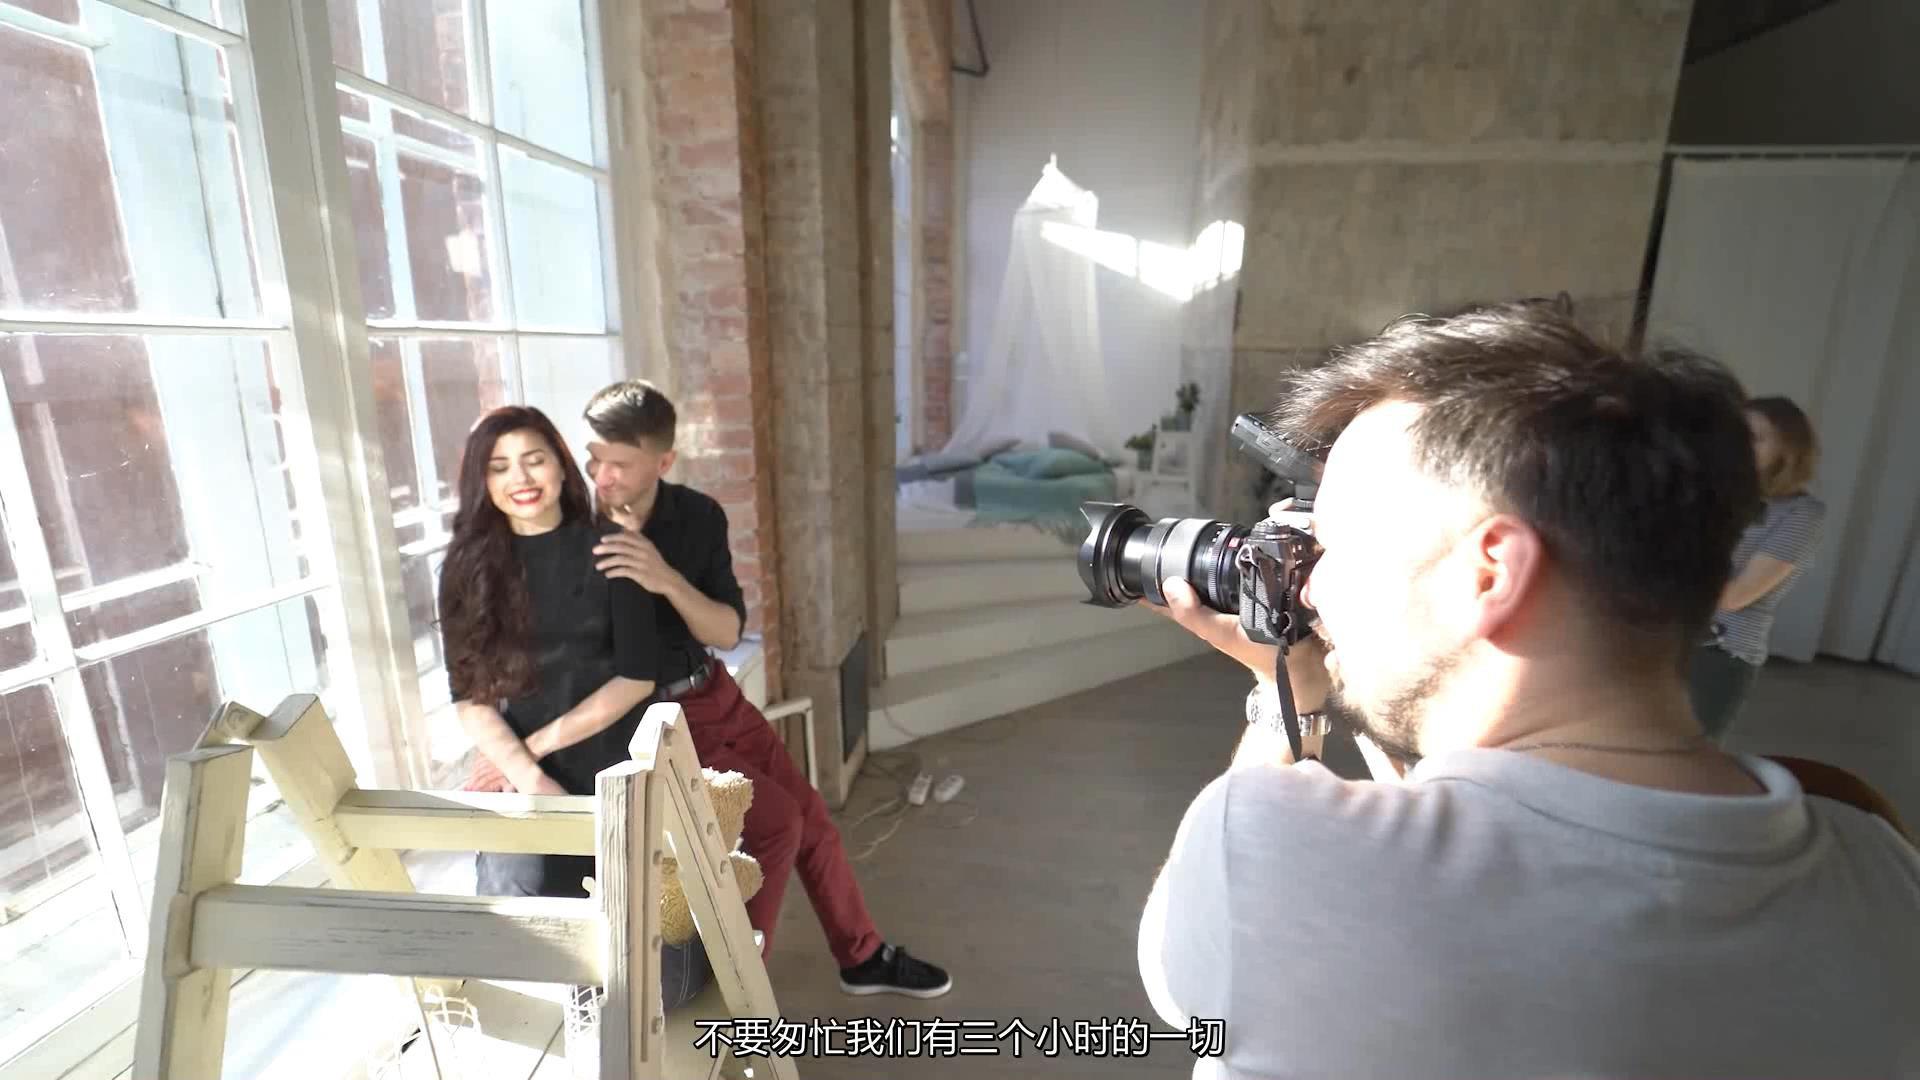 摄影教程_Alexey Gaidin实践30多种人造光闪光灯摄影布光教程-中文字幕 摄影教程 _预览图3